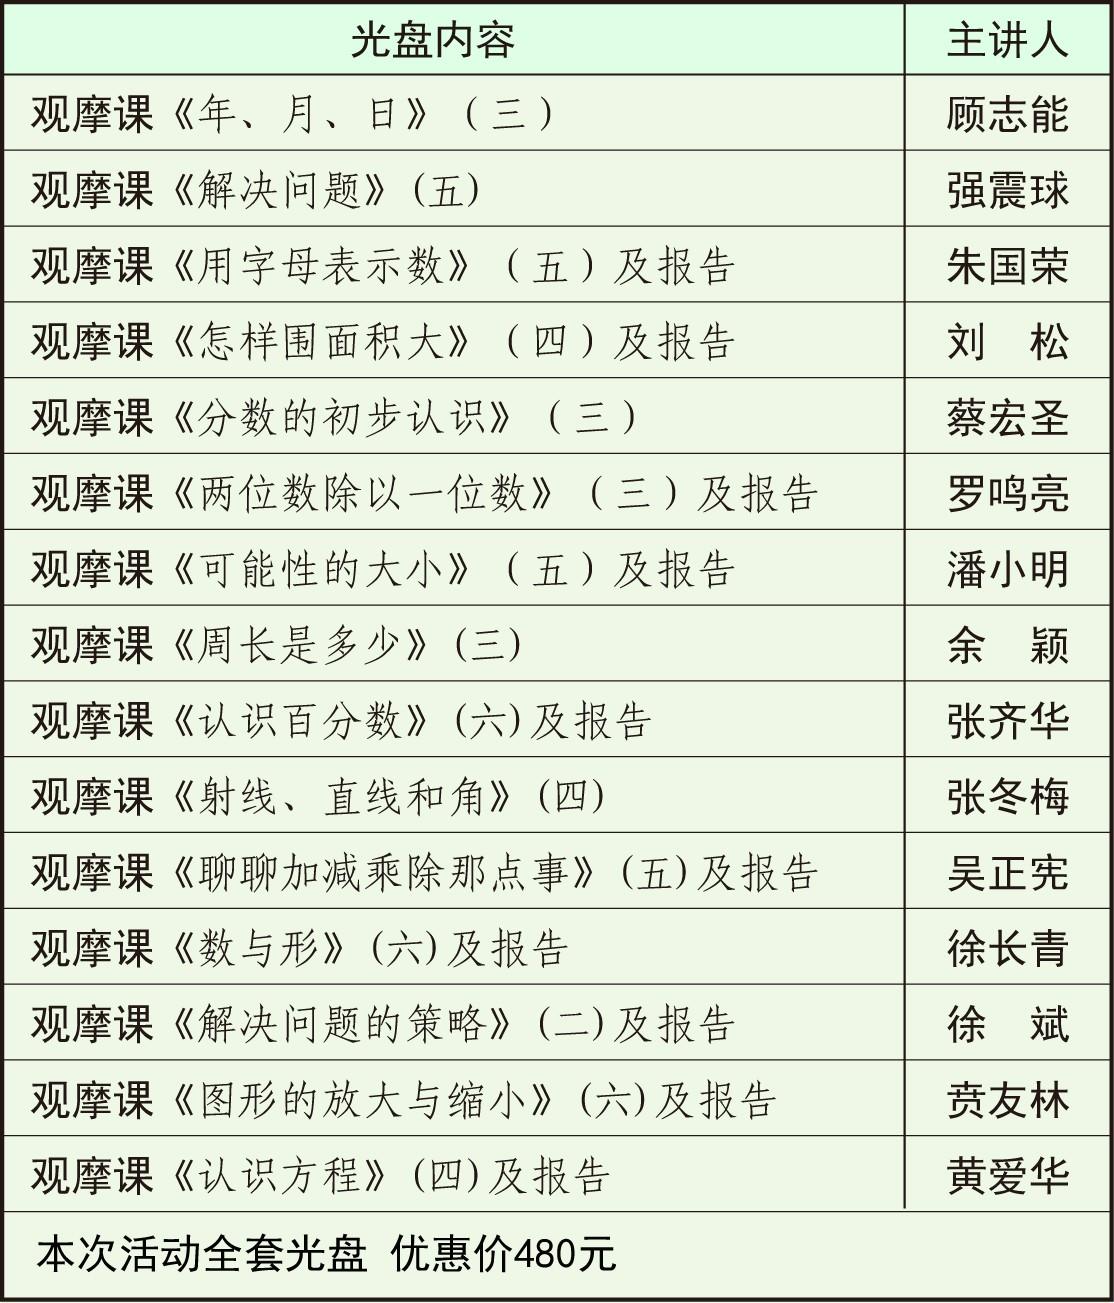 29届泉州数学光盘图.jpg